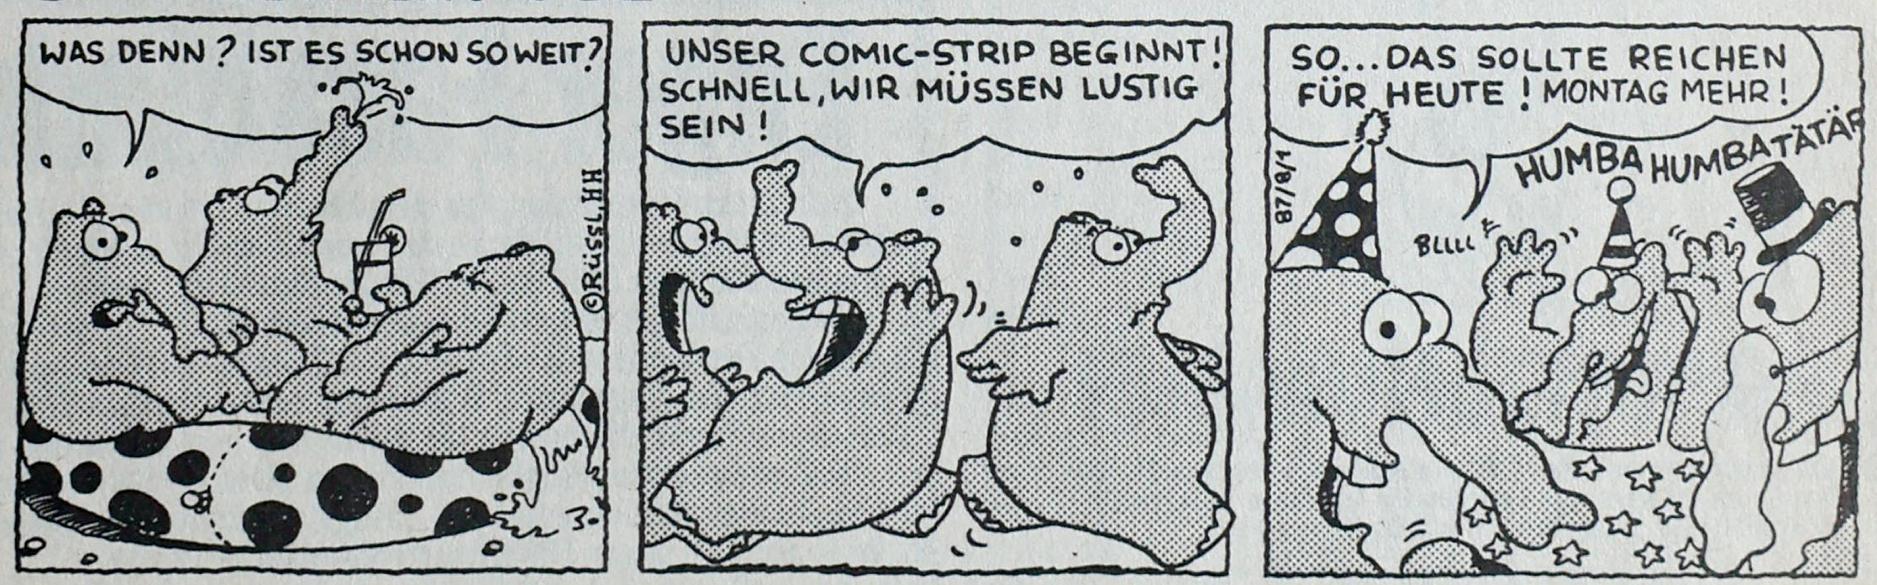 Erster Ottifanten-Comic in der MOPO